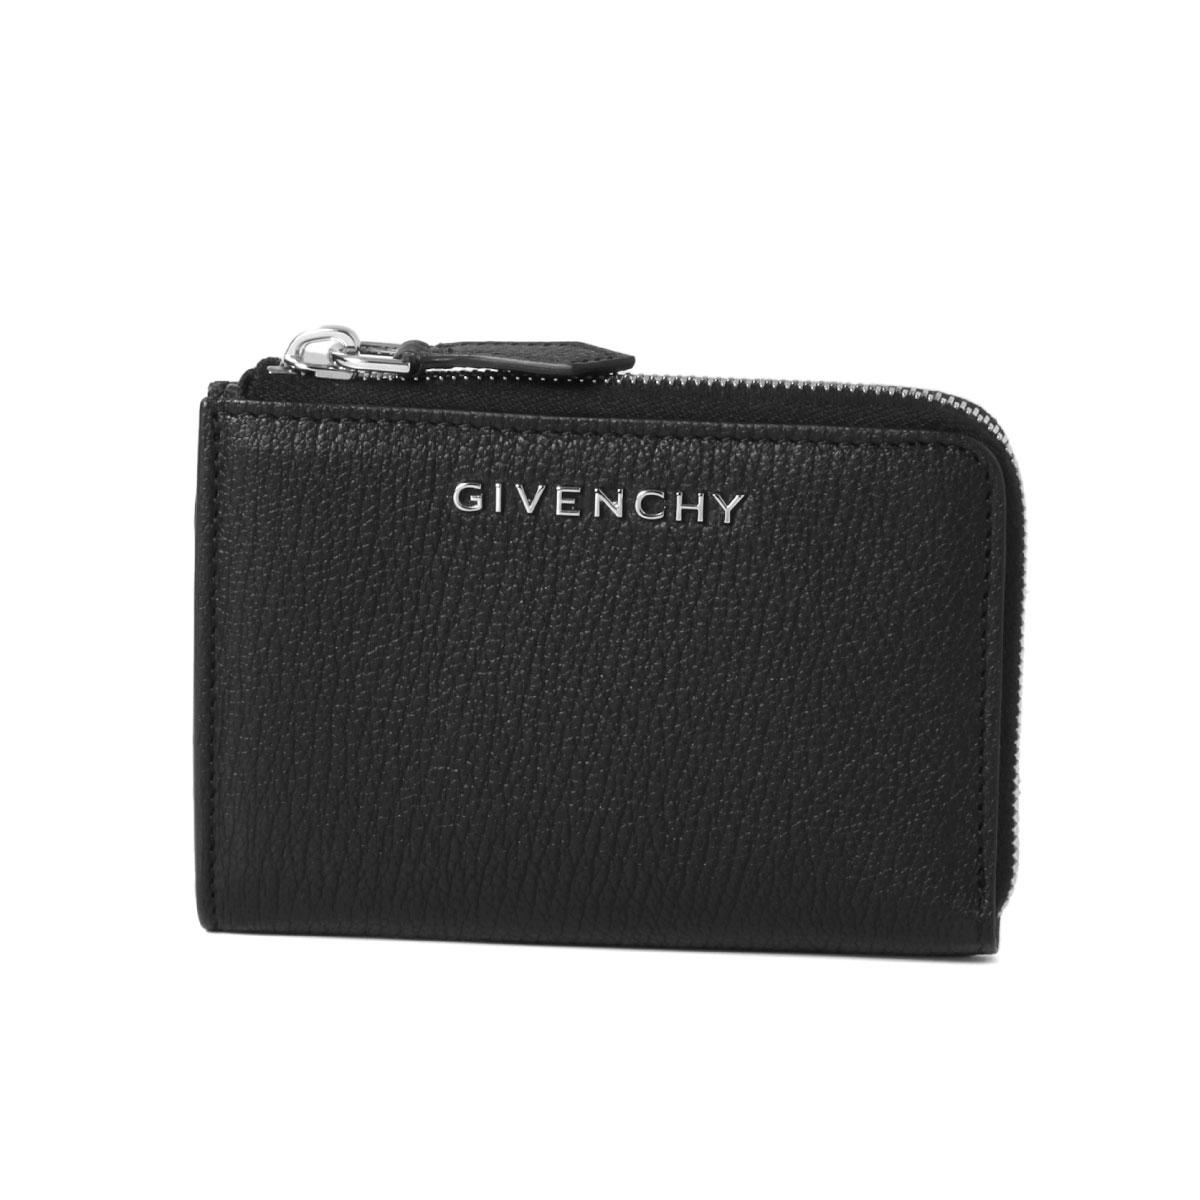 ジバンシー GIVENCHY カードケース レディース BB602MB00B 001 カードケース ミディアム PANDORA パンドラ BLACK ブラック